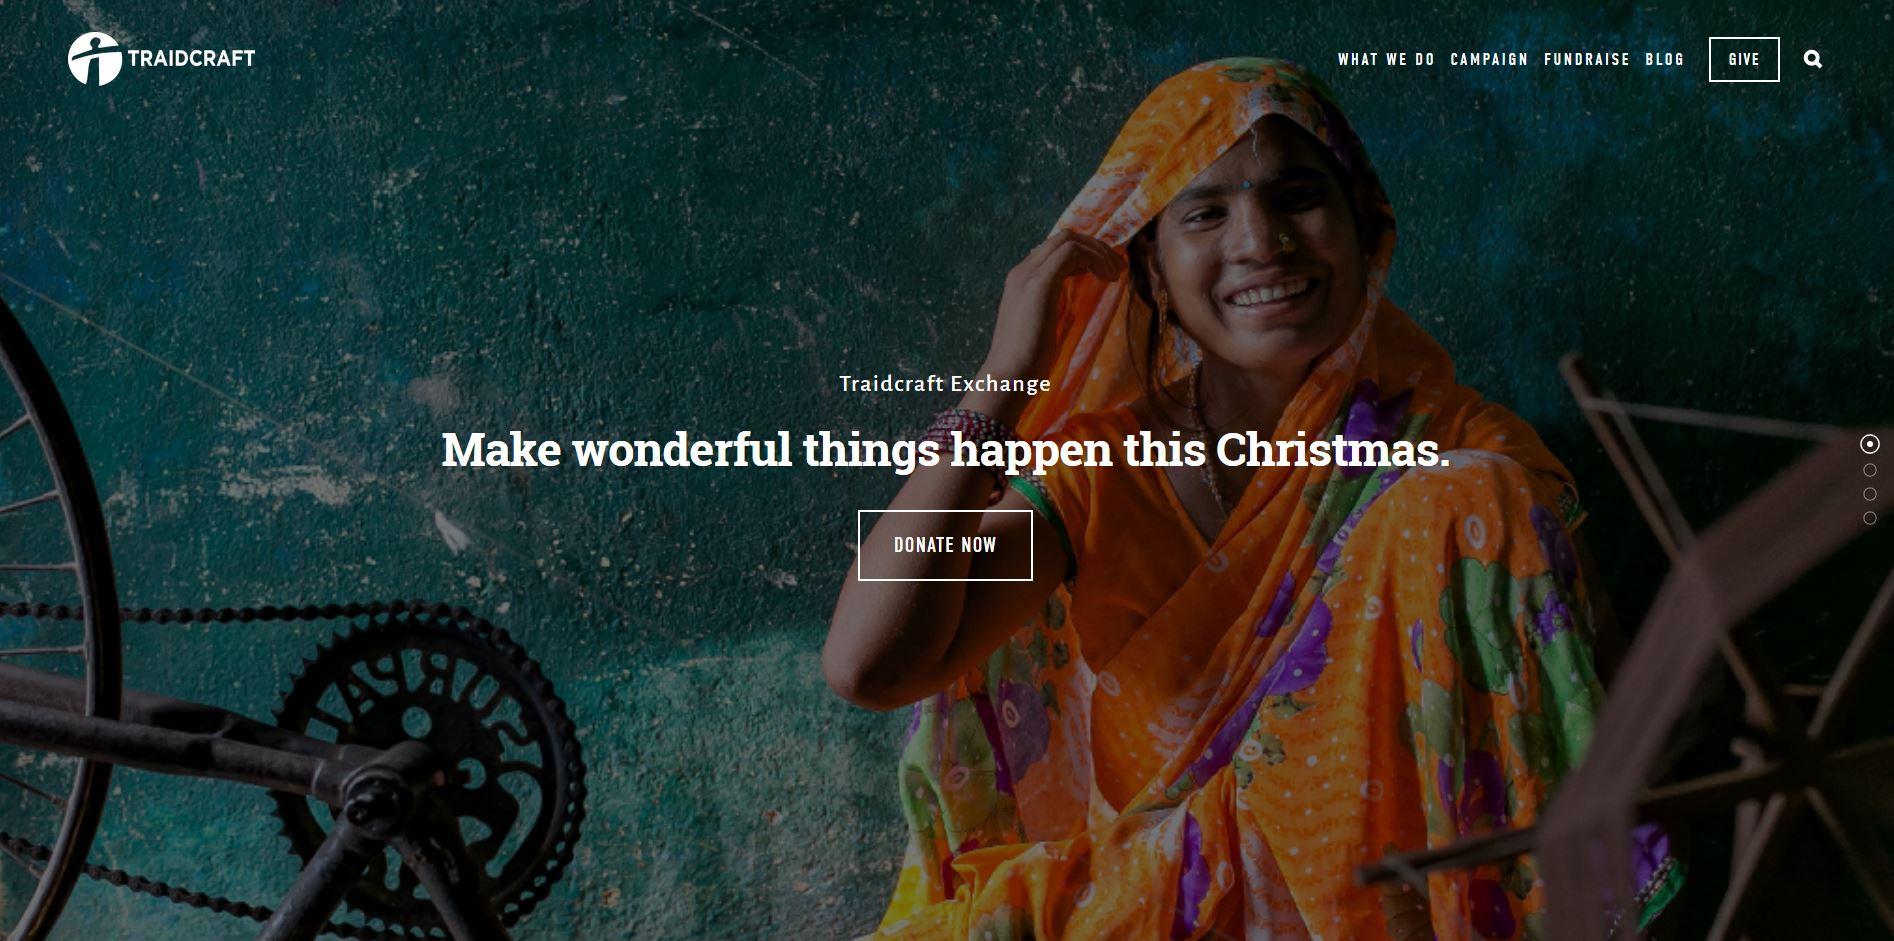 website home page screen grab.JPG